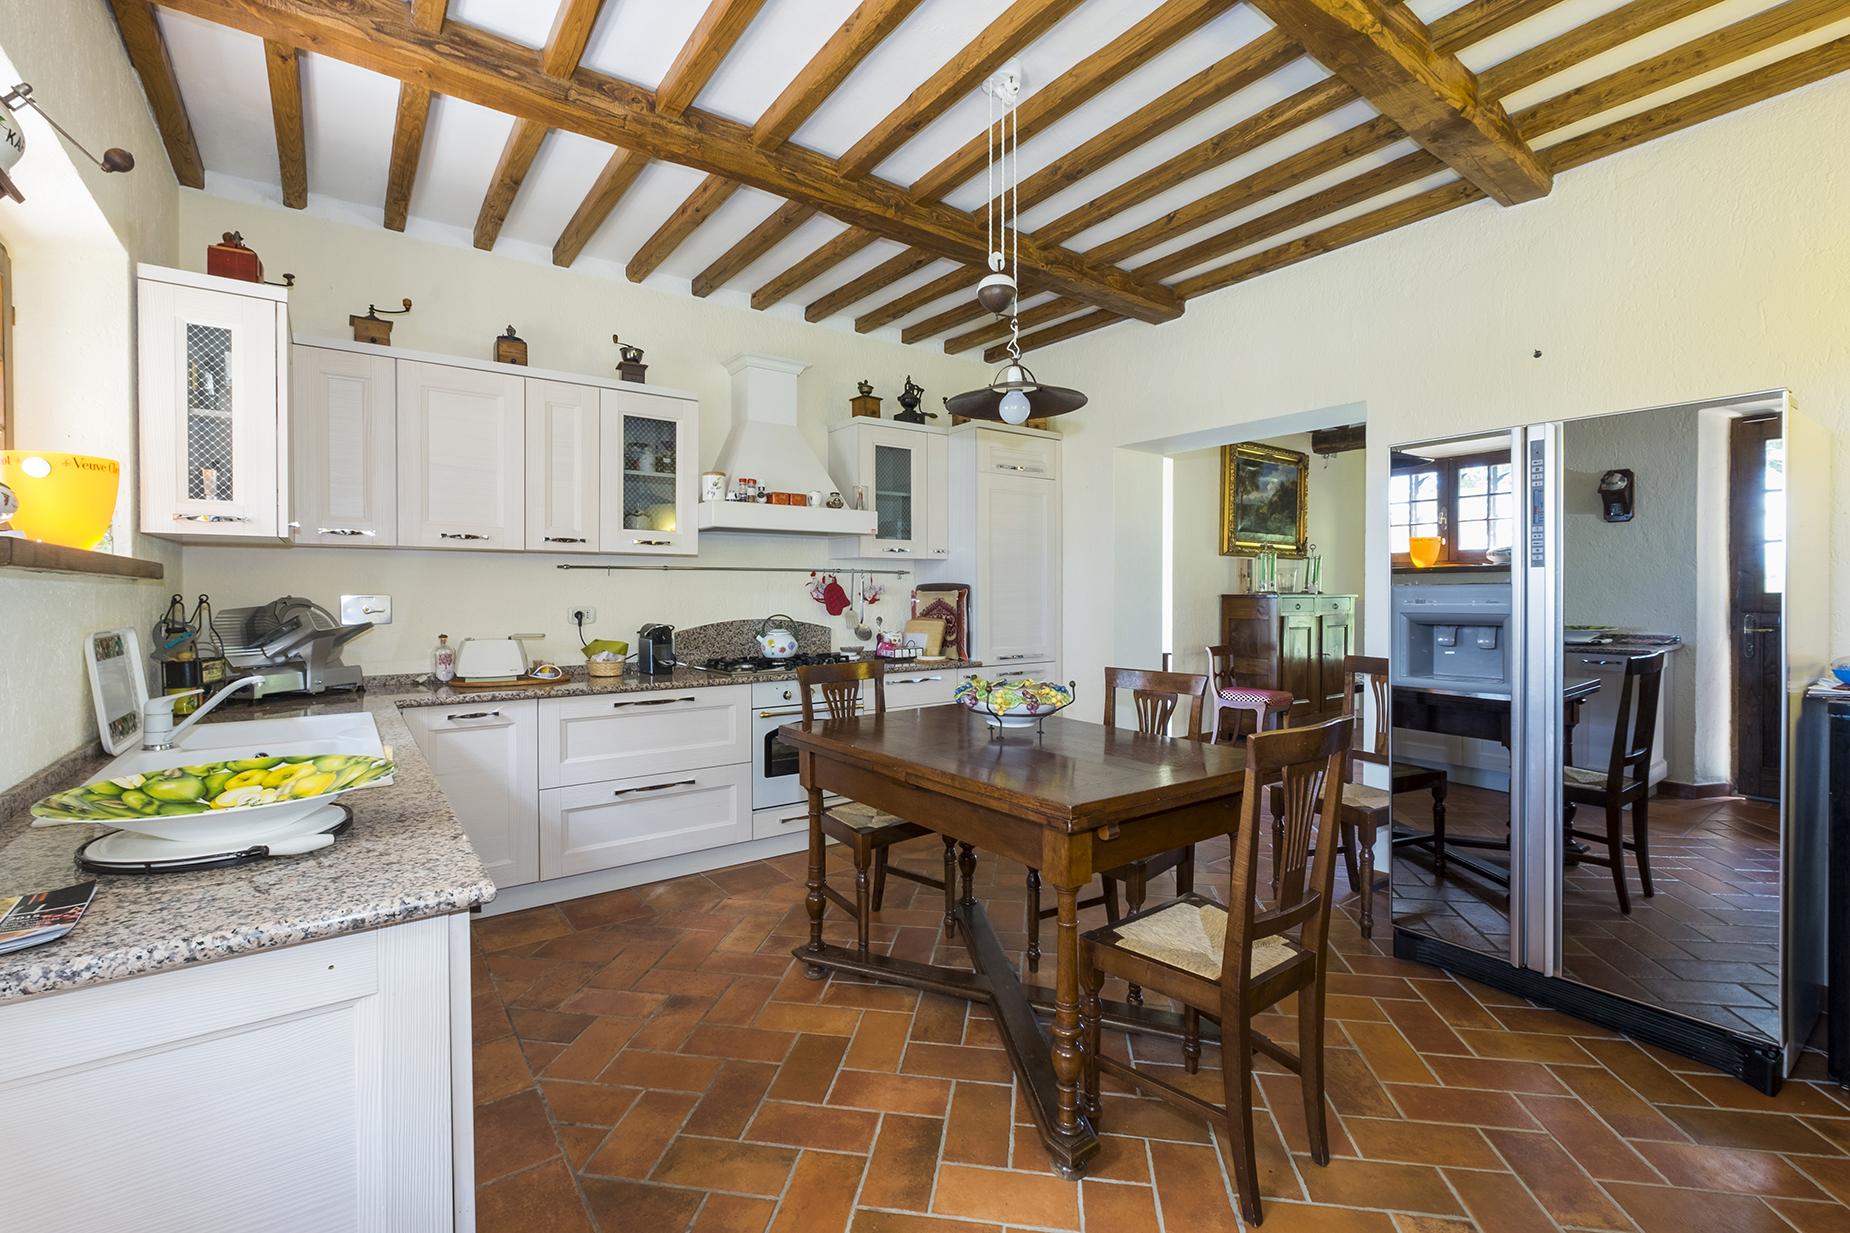 Rustico in Vendita a Magliano In Toscana: 5 locali, 320 mq - Foto 8